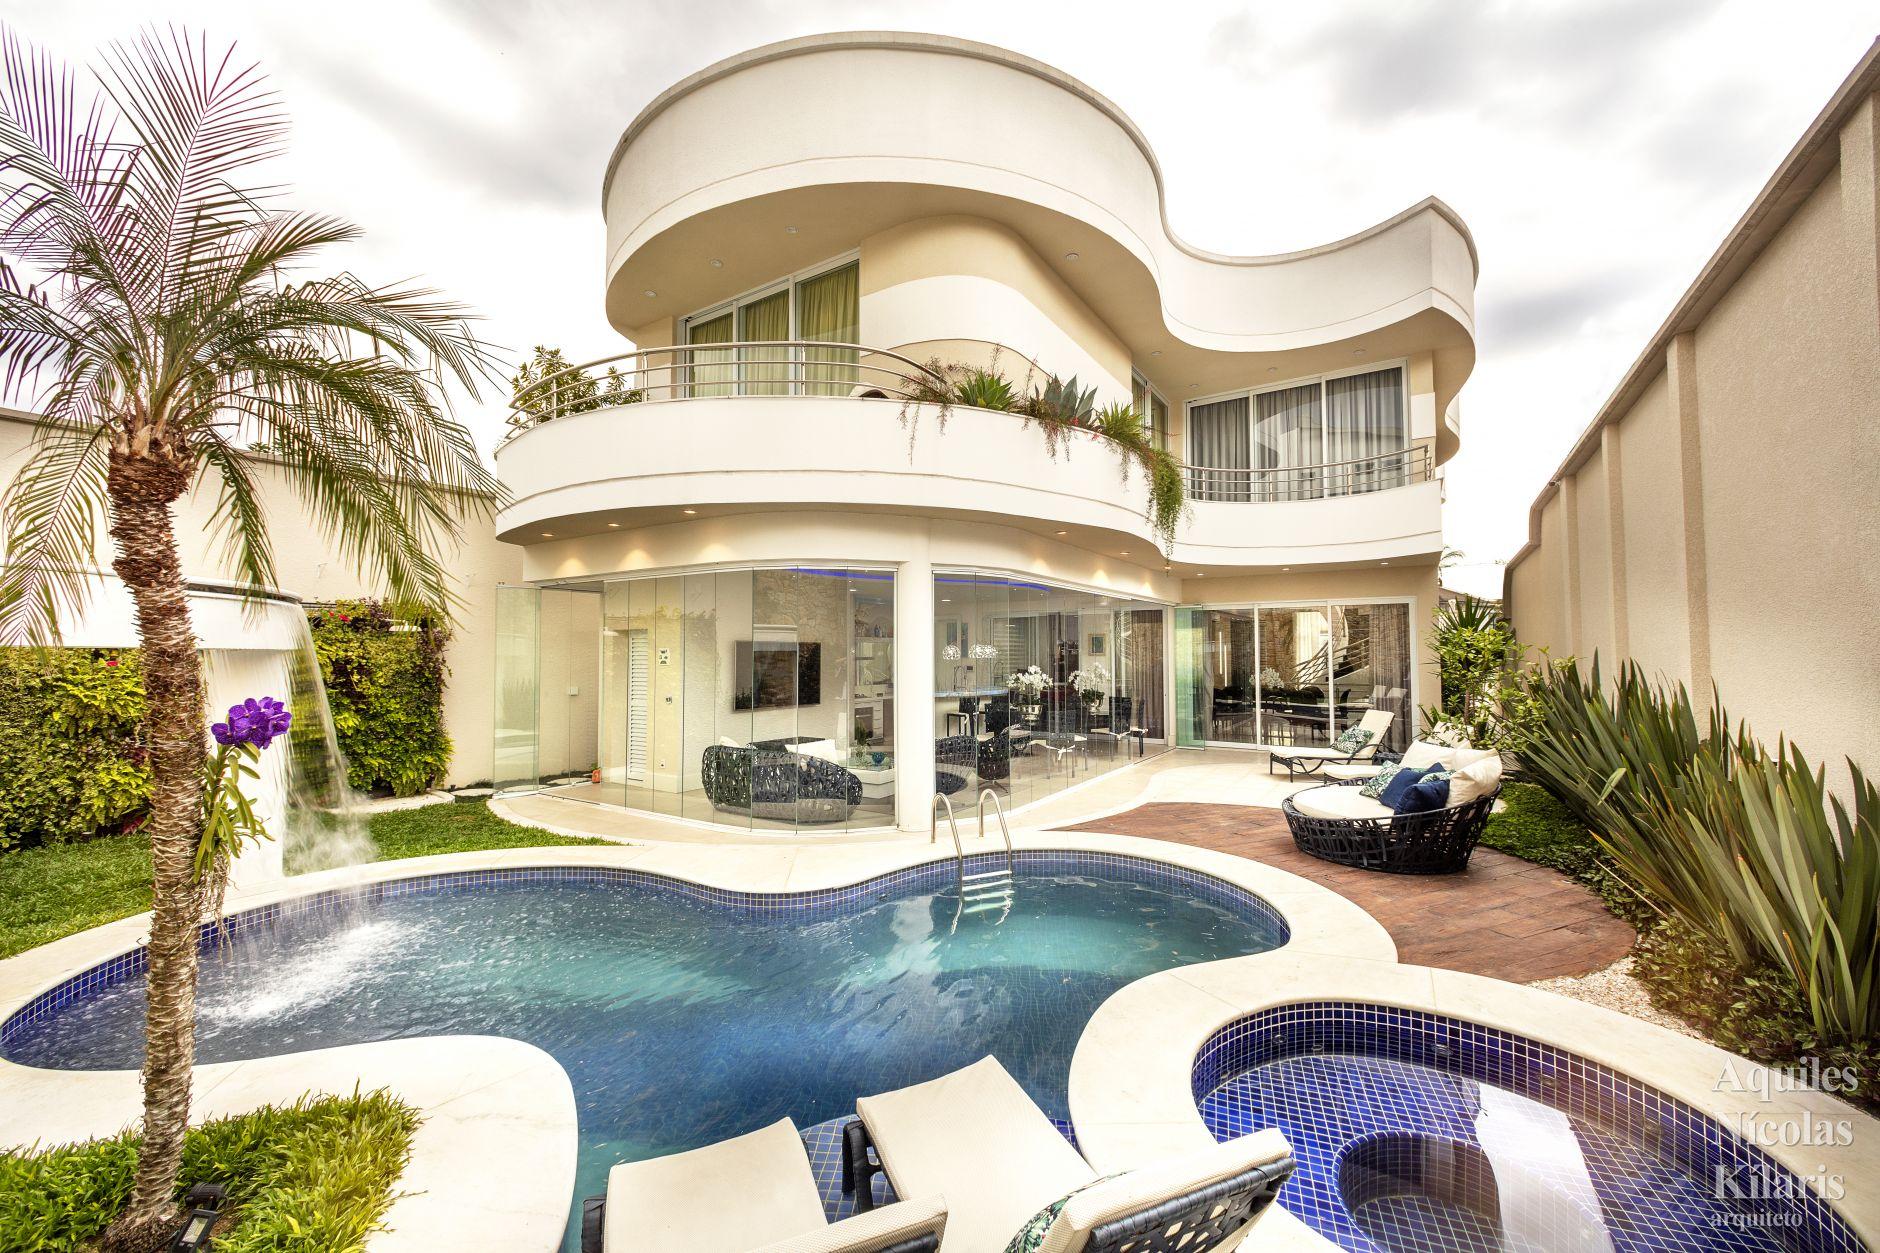 Arquiteto - Aquiles Nícolas Kílaris - Projetos Residenciais - Casa Osasco